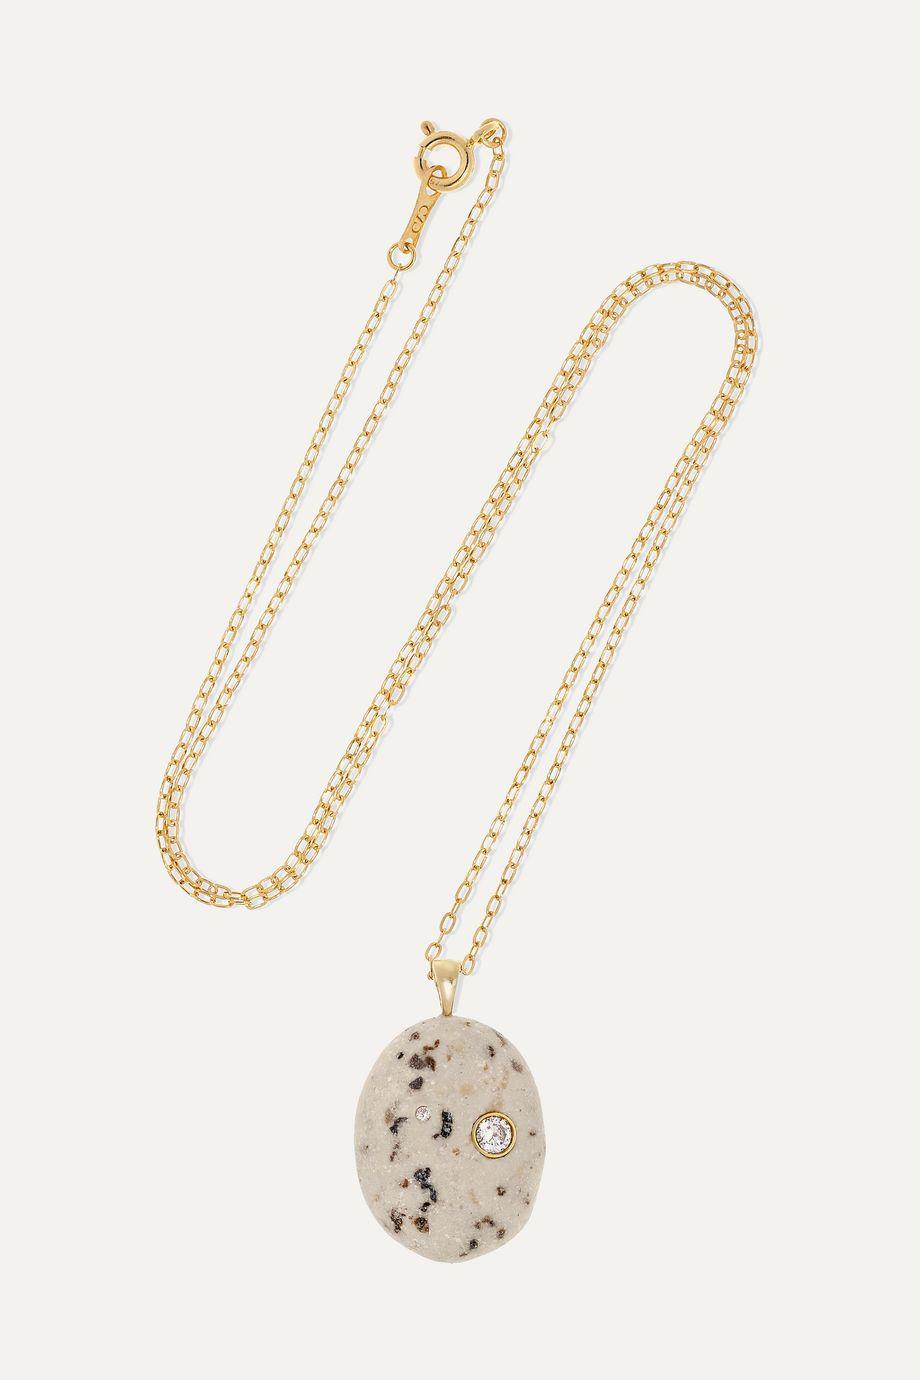 CVC Stones Sale e Pepe Kette aus 18 Karat Gold mit Stein und Diamanten